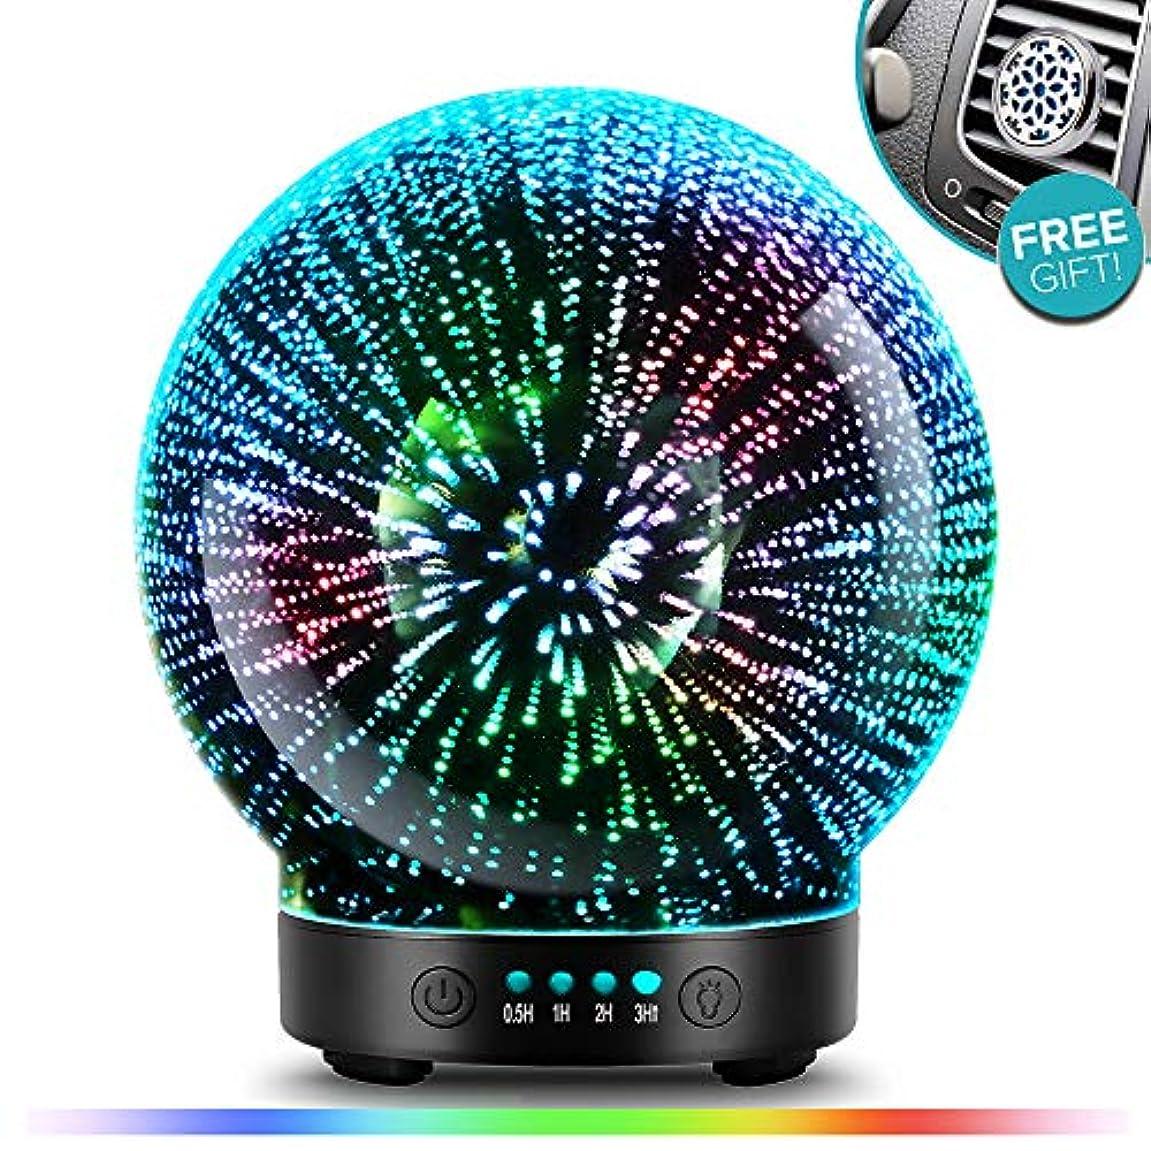 支払い南アメリカ防腐剤POBEES 3グラスアロマエッセンシャルオイルディフューザー - 最新バージョン 香り オイル加湿器7 花火 テーマプレミアム超音波ミスト自動オフ安全スイッチカーベントクリップカラー照明モードを主導